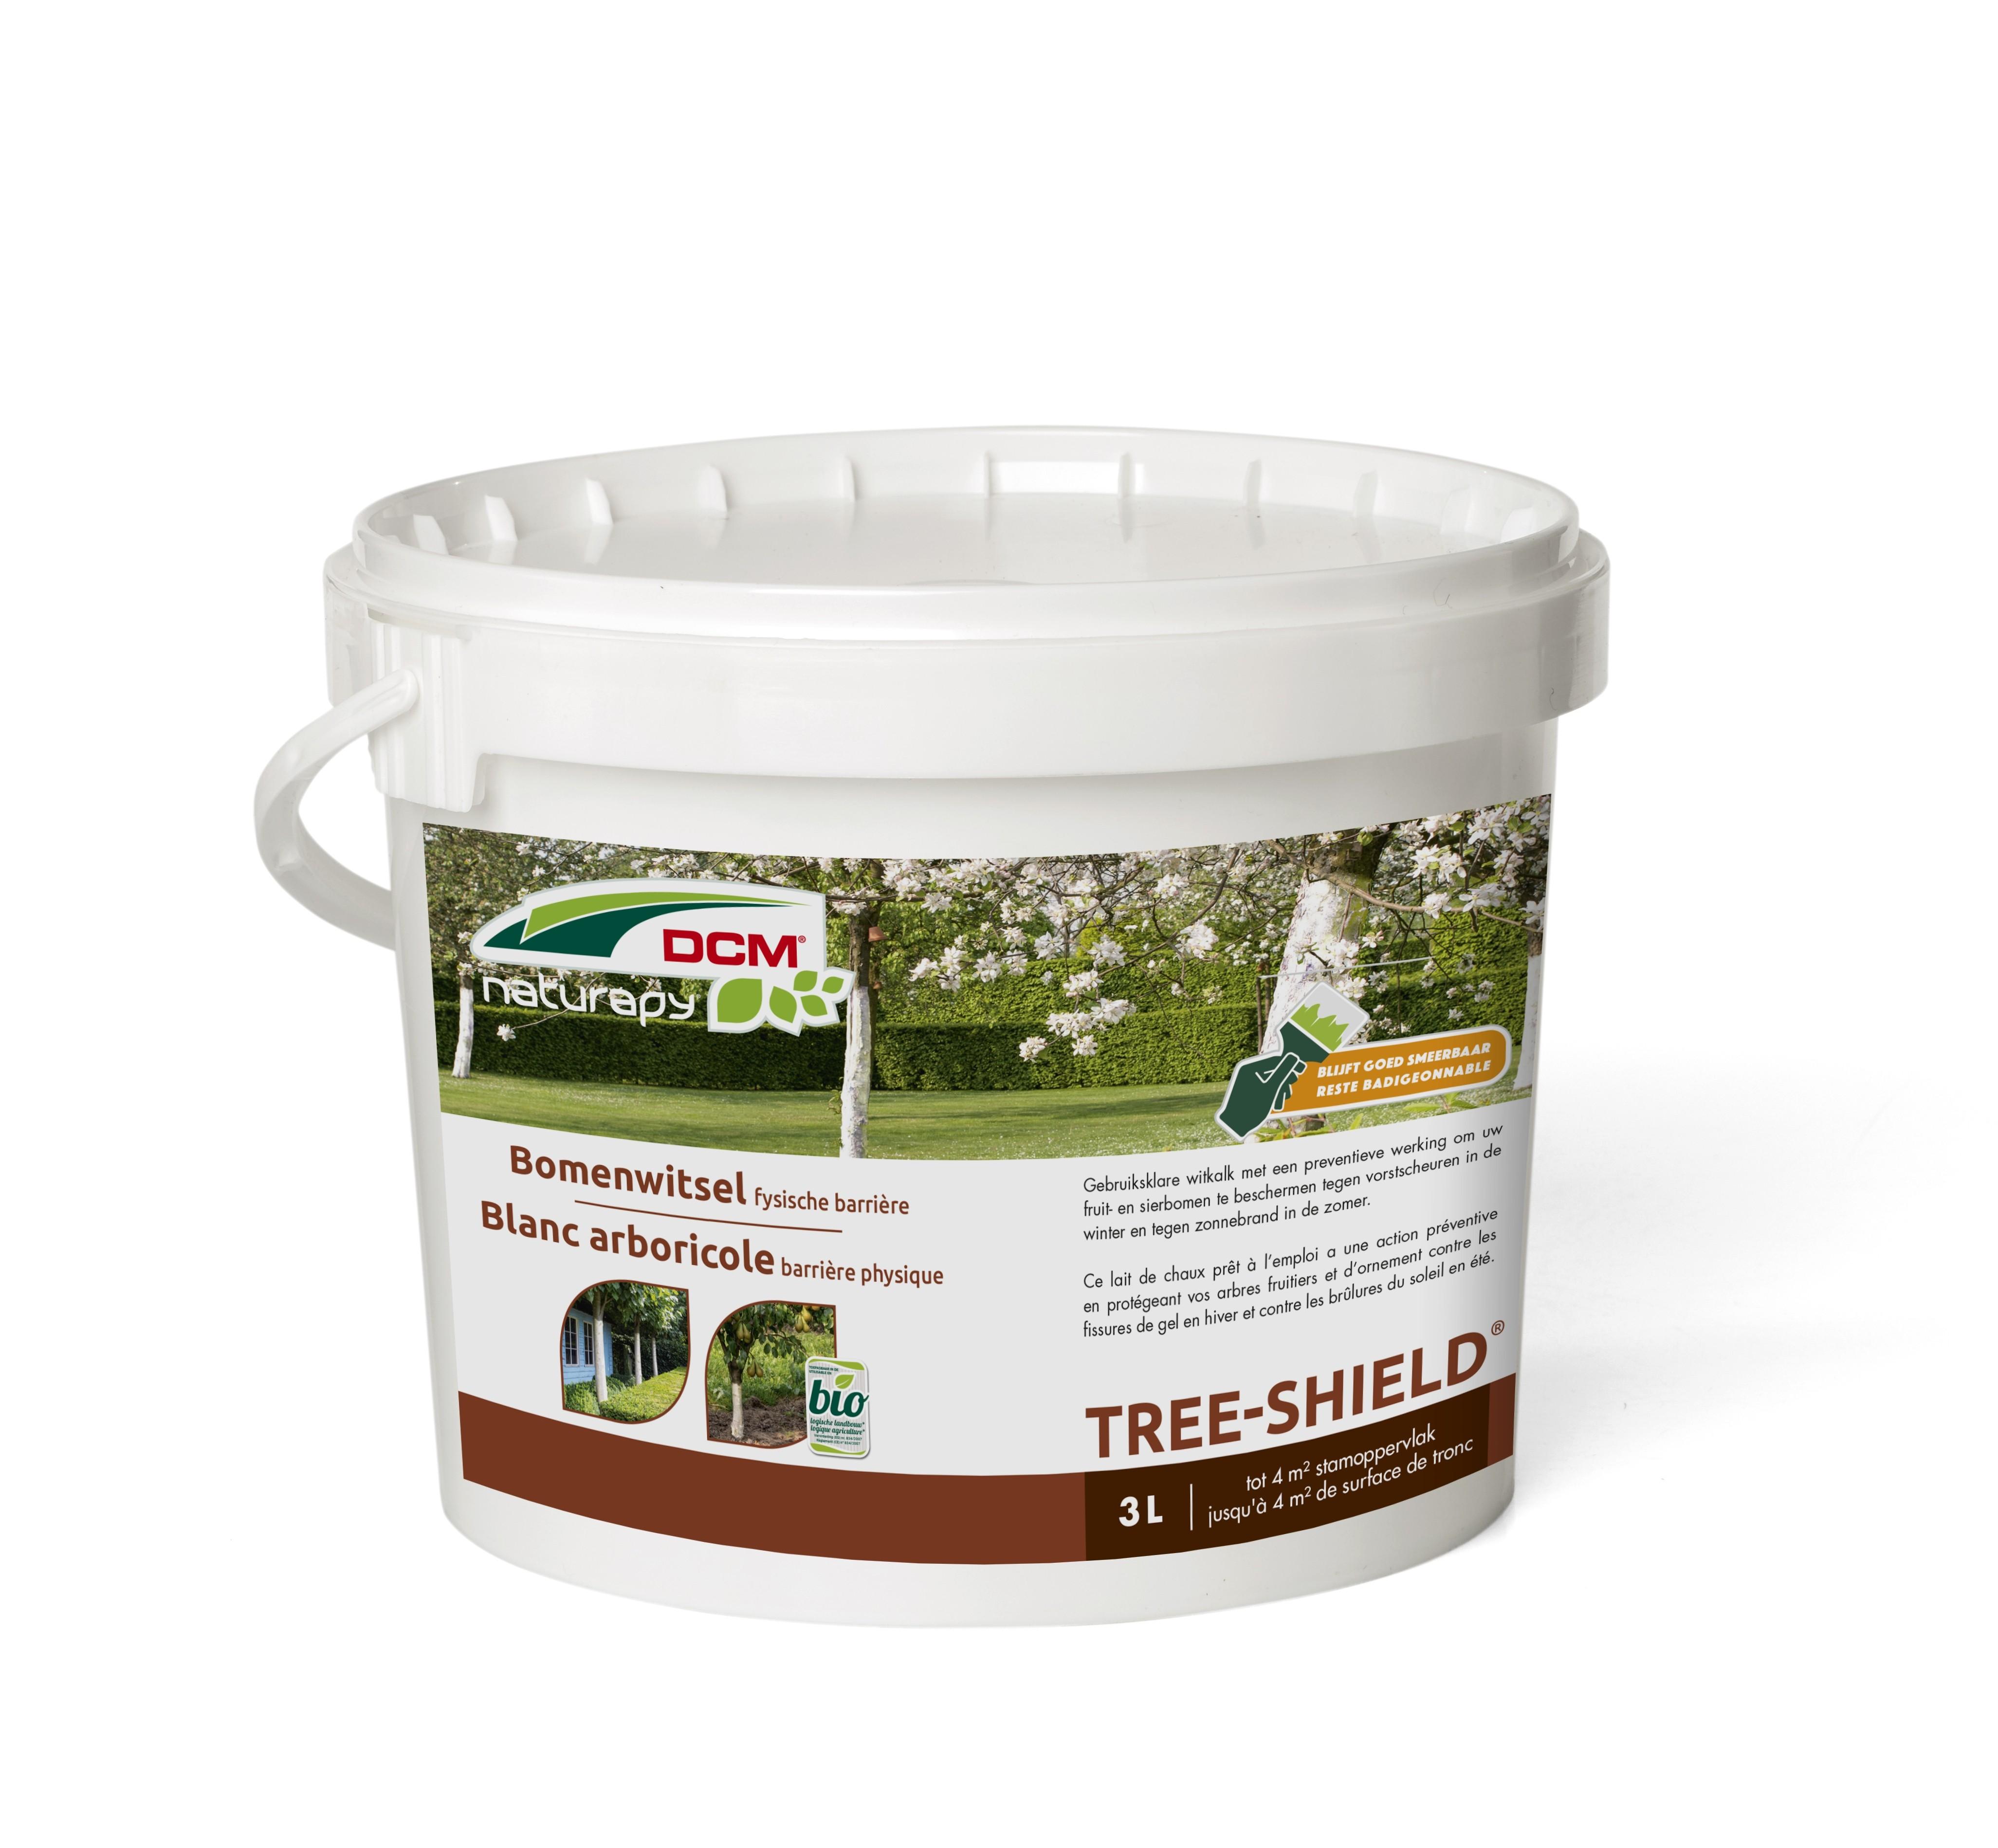 Tree-Shield spray 3ltr